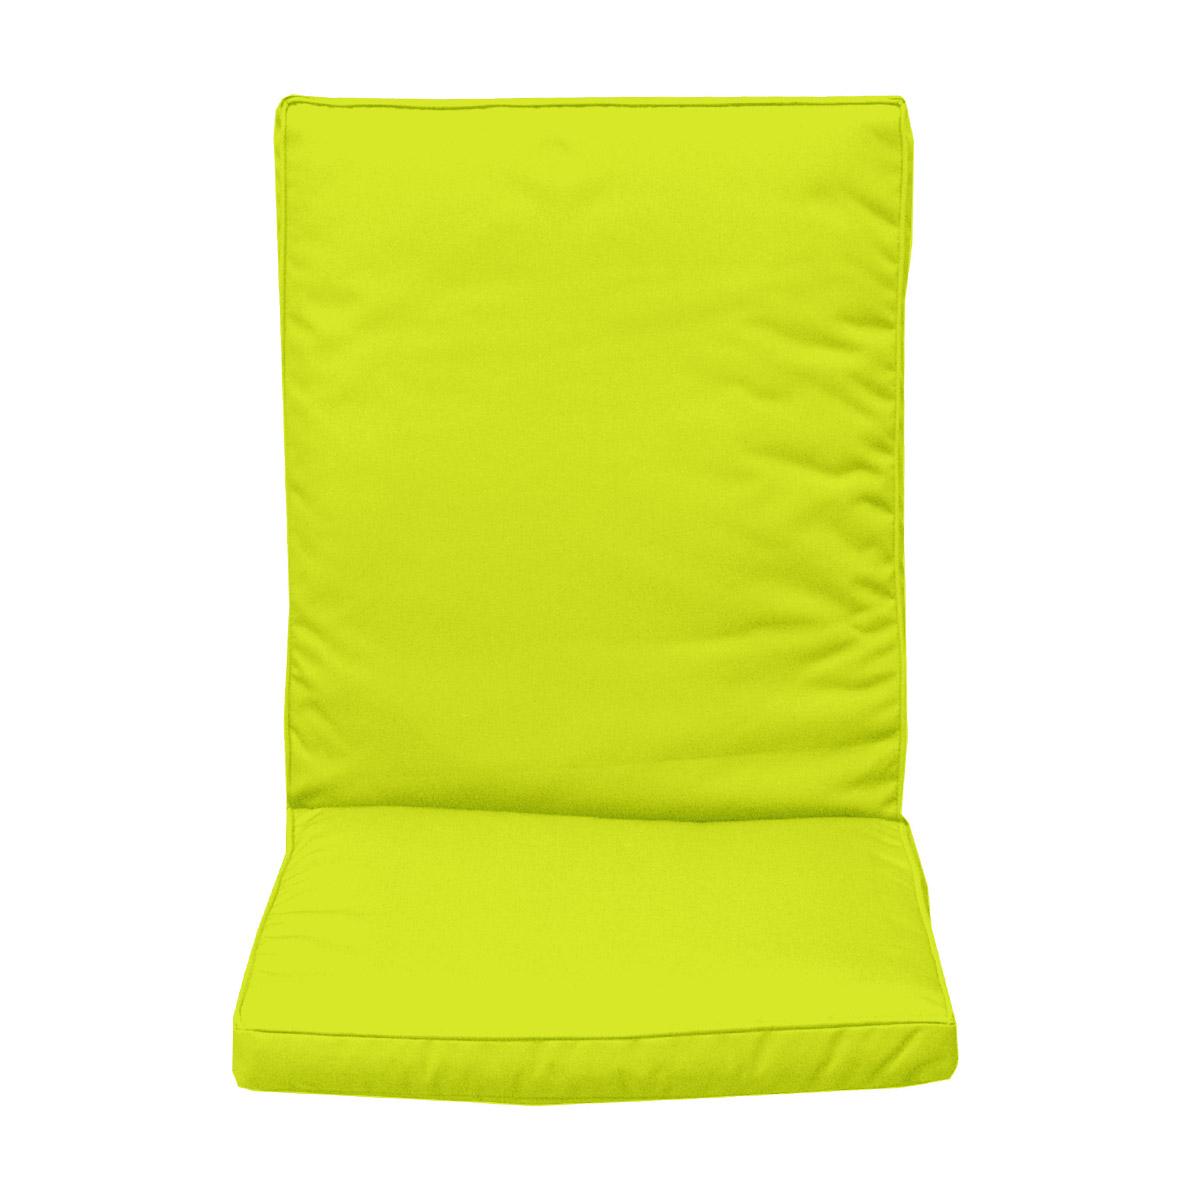 fauteuil anis achat vente de fauteuil pas cher. Black Bedroom Furniture Sets. Home Design Ideas